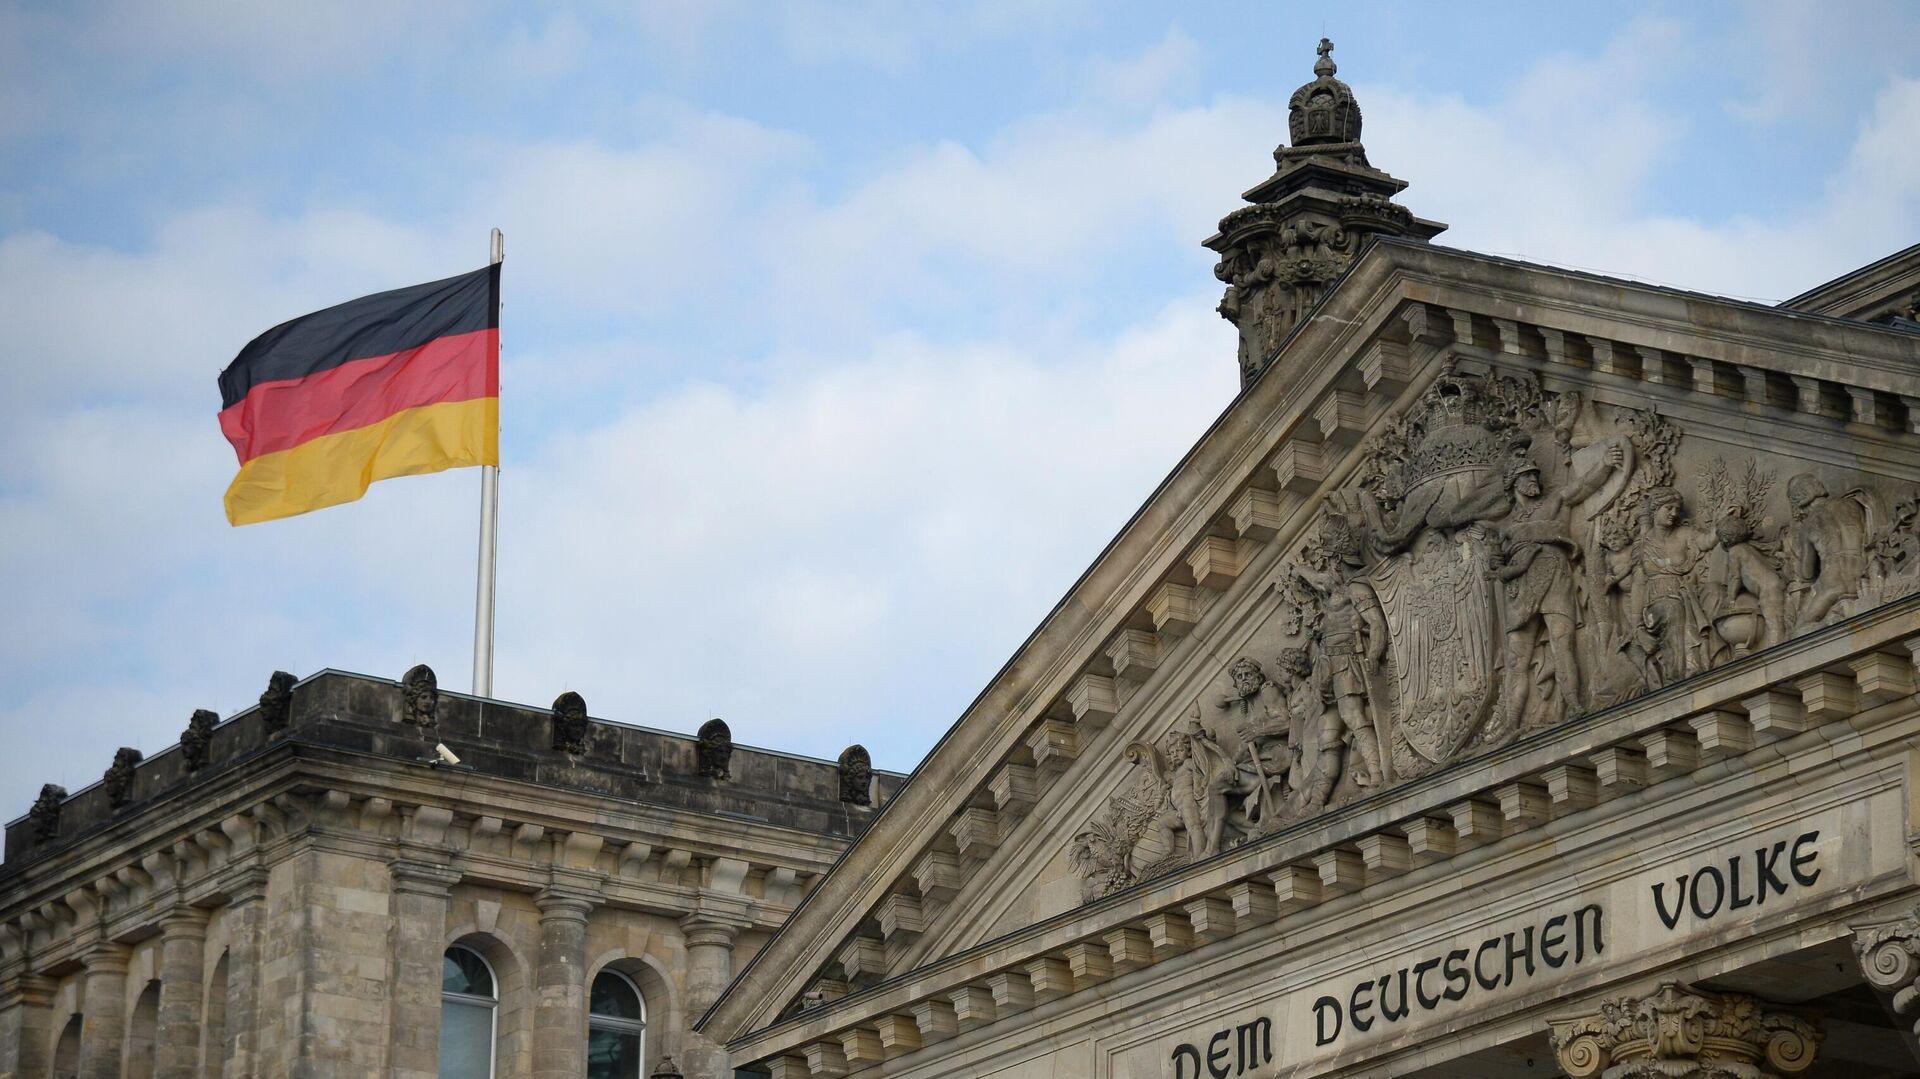 Национальный флаг Федеративной Республики Германии над зданием Будестага в Берлине - РИА Новости, 1920, 27.09.2021